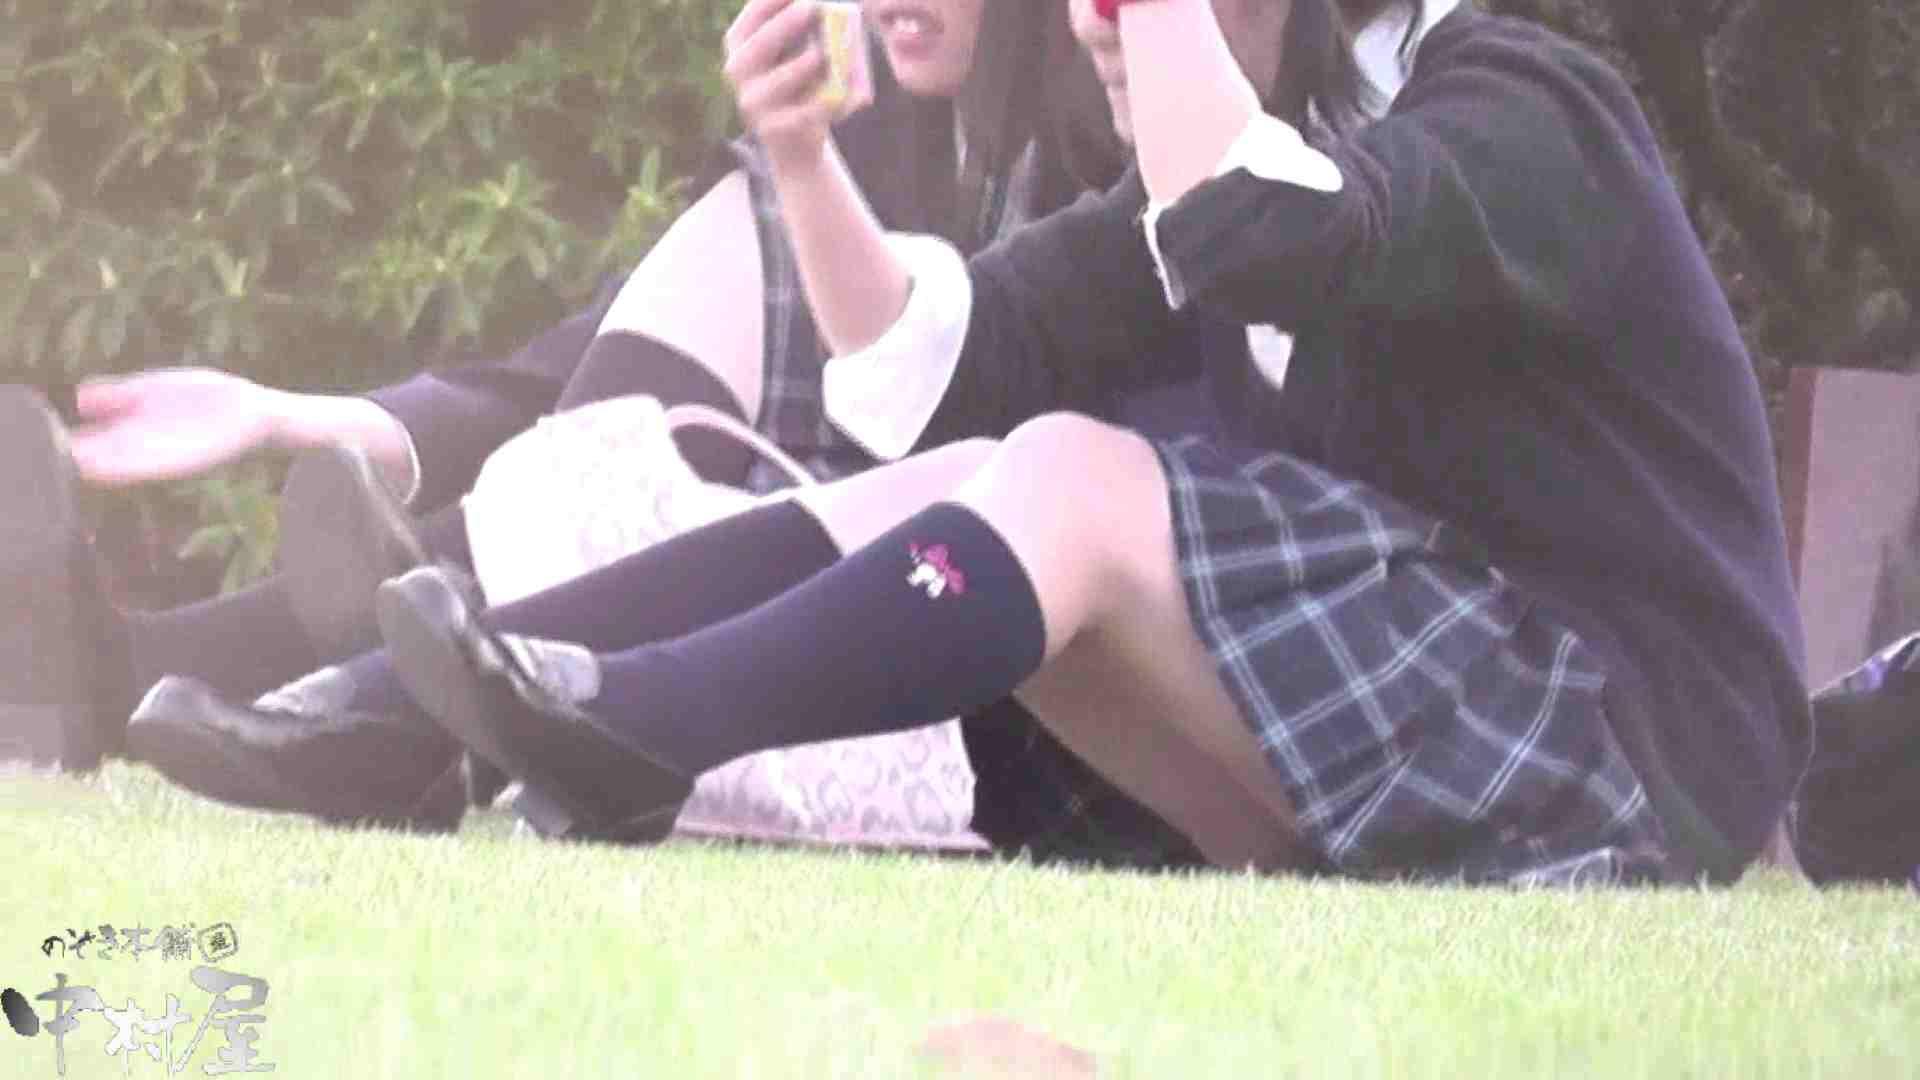 ドキドキ❤新入生パンチラ歓迎会vol.04 パンチラ ワレメ無修正動画無料 92PIX 23